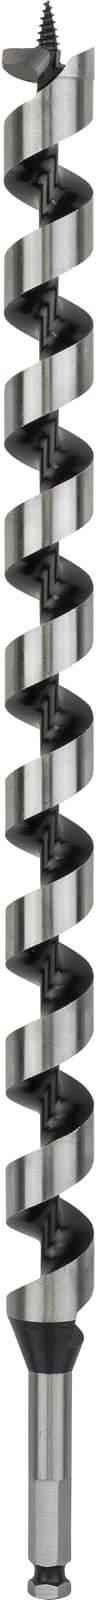 Bosch Hex Shank Auger Drill Bit 26mm 450mm